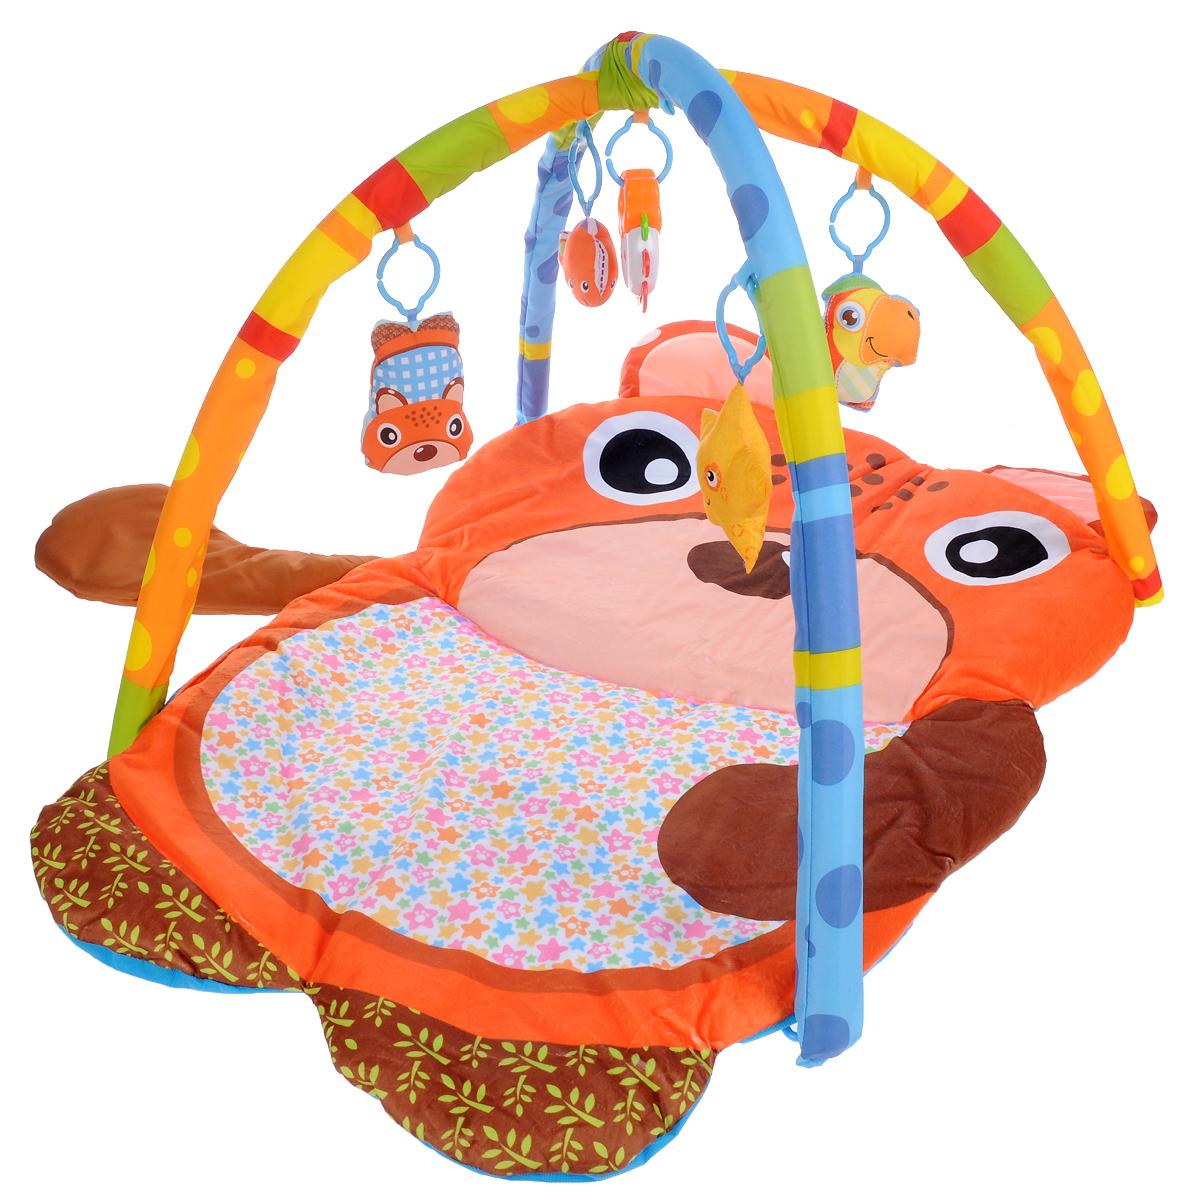 Ути Пути Развивающий коврик Волшебная медведица развивающие коврики где купить